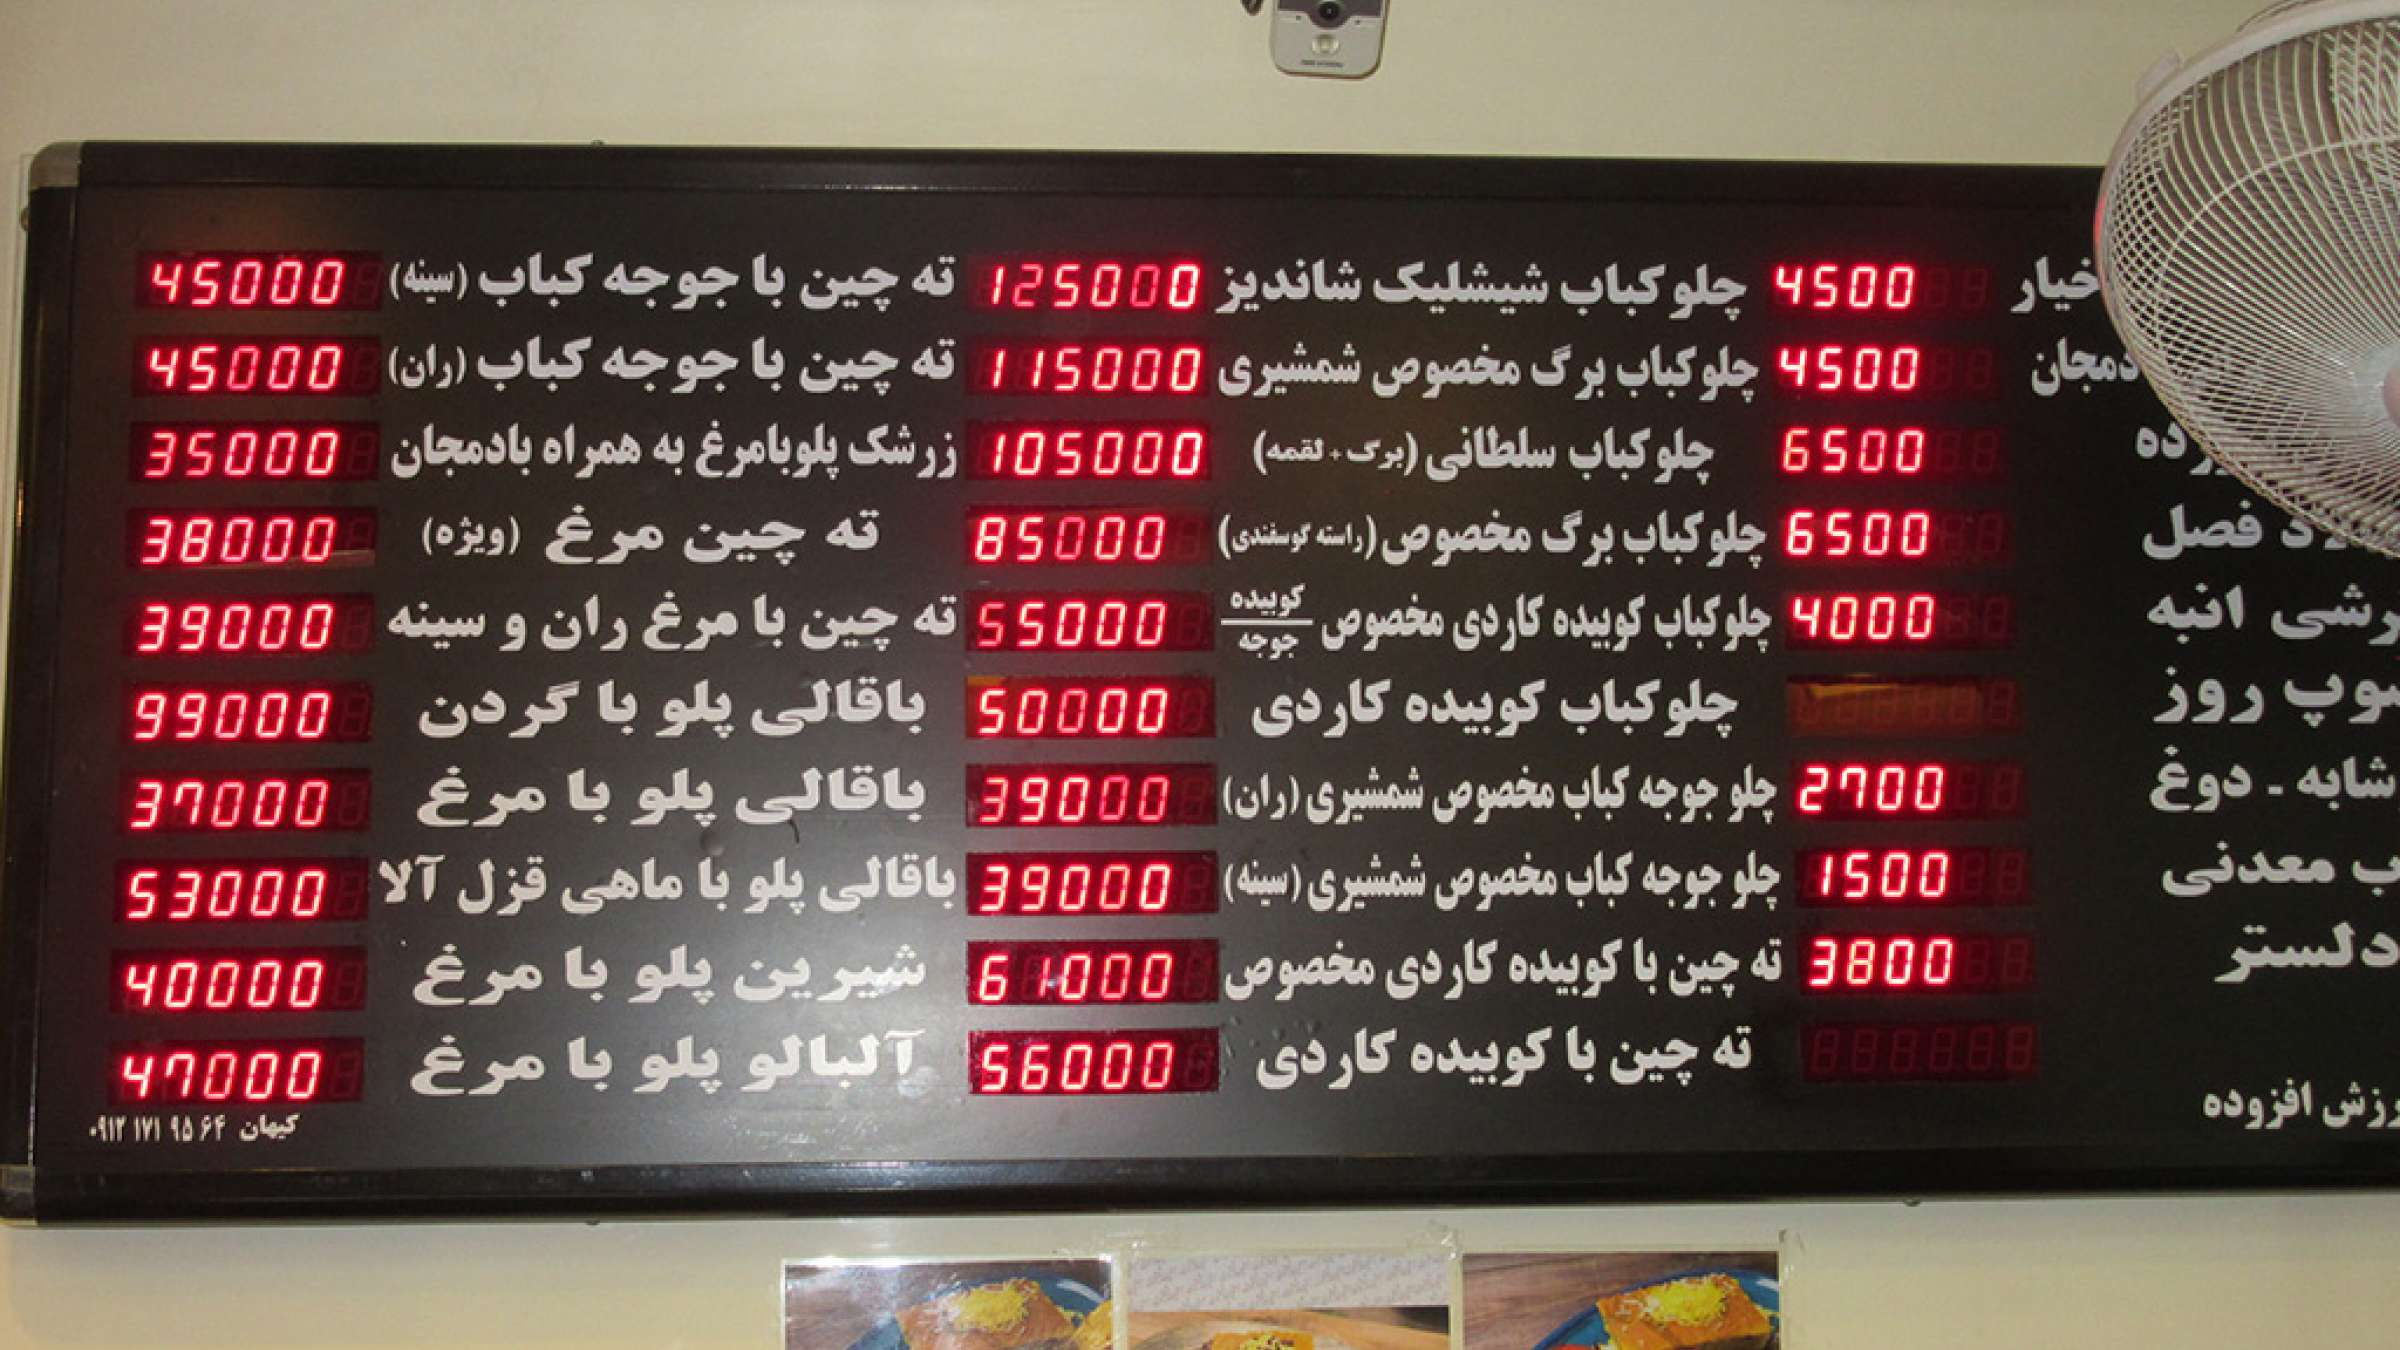 ادبیات-گلمحمدی-با-من-به-بازار-تهران-بیایید-قیمت-غذاهای-چلوکباب-شمشیری